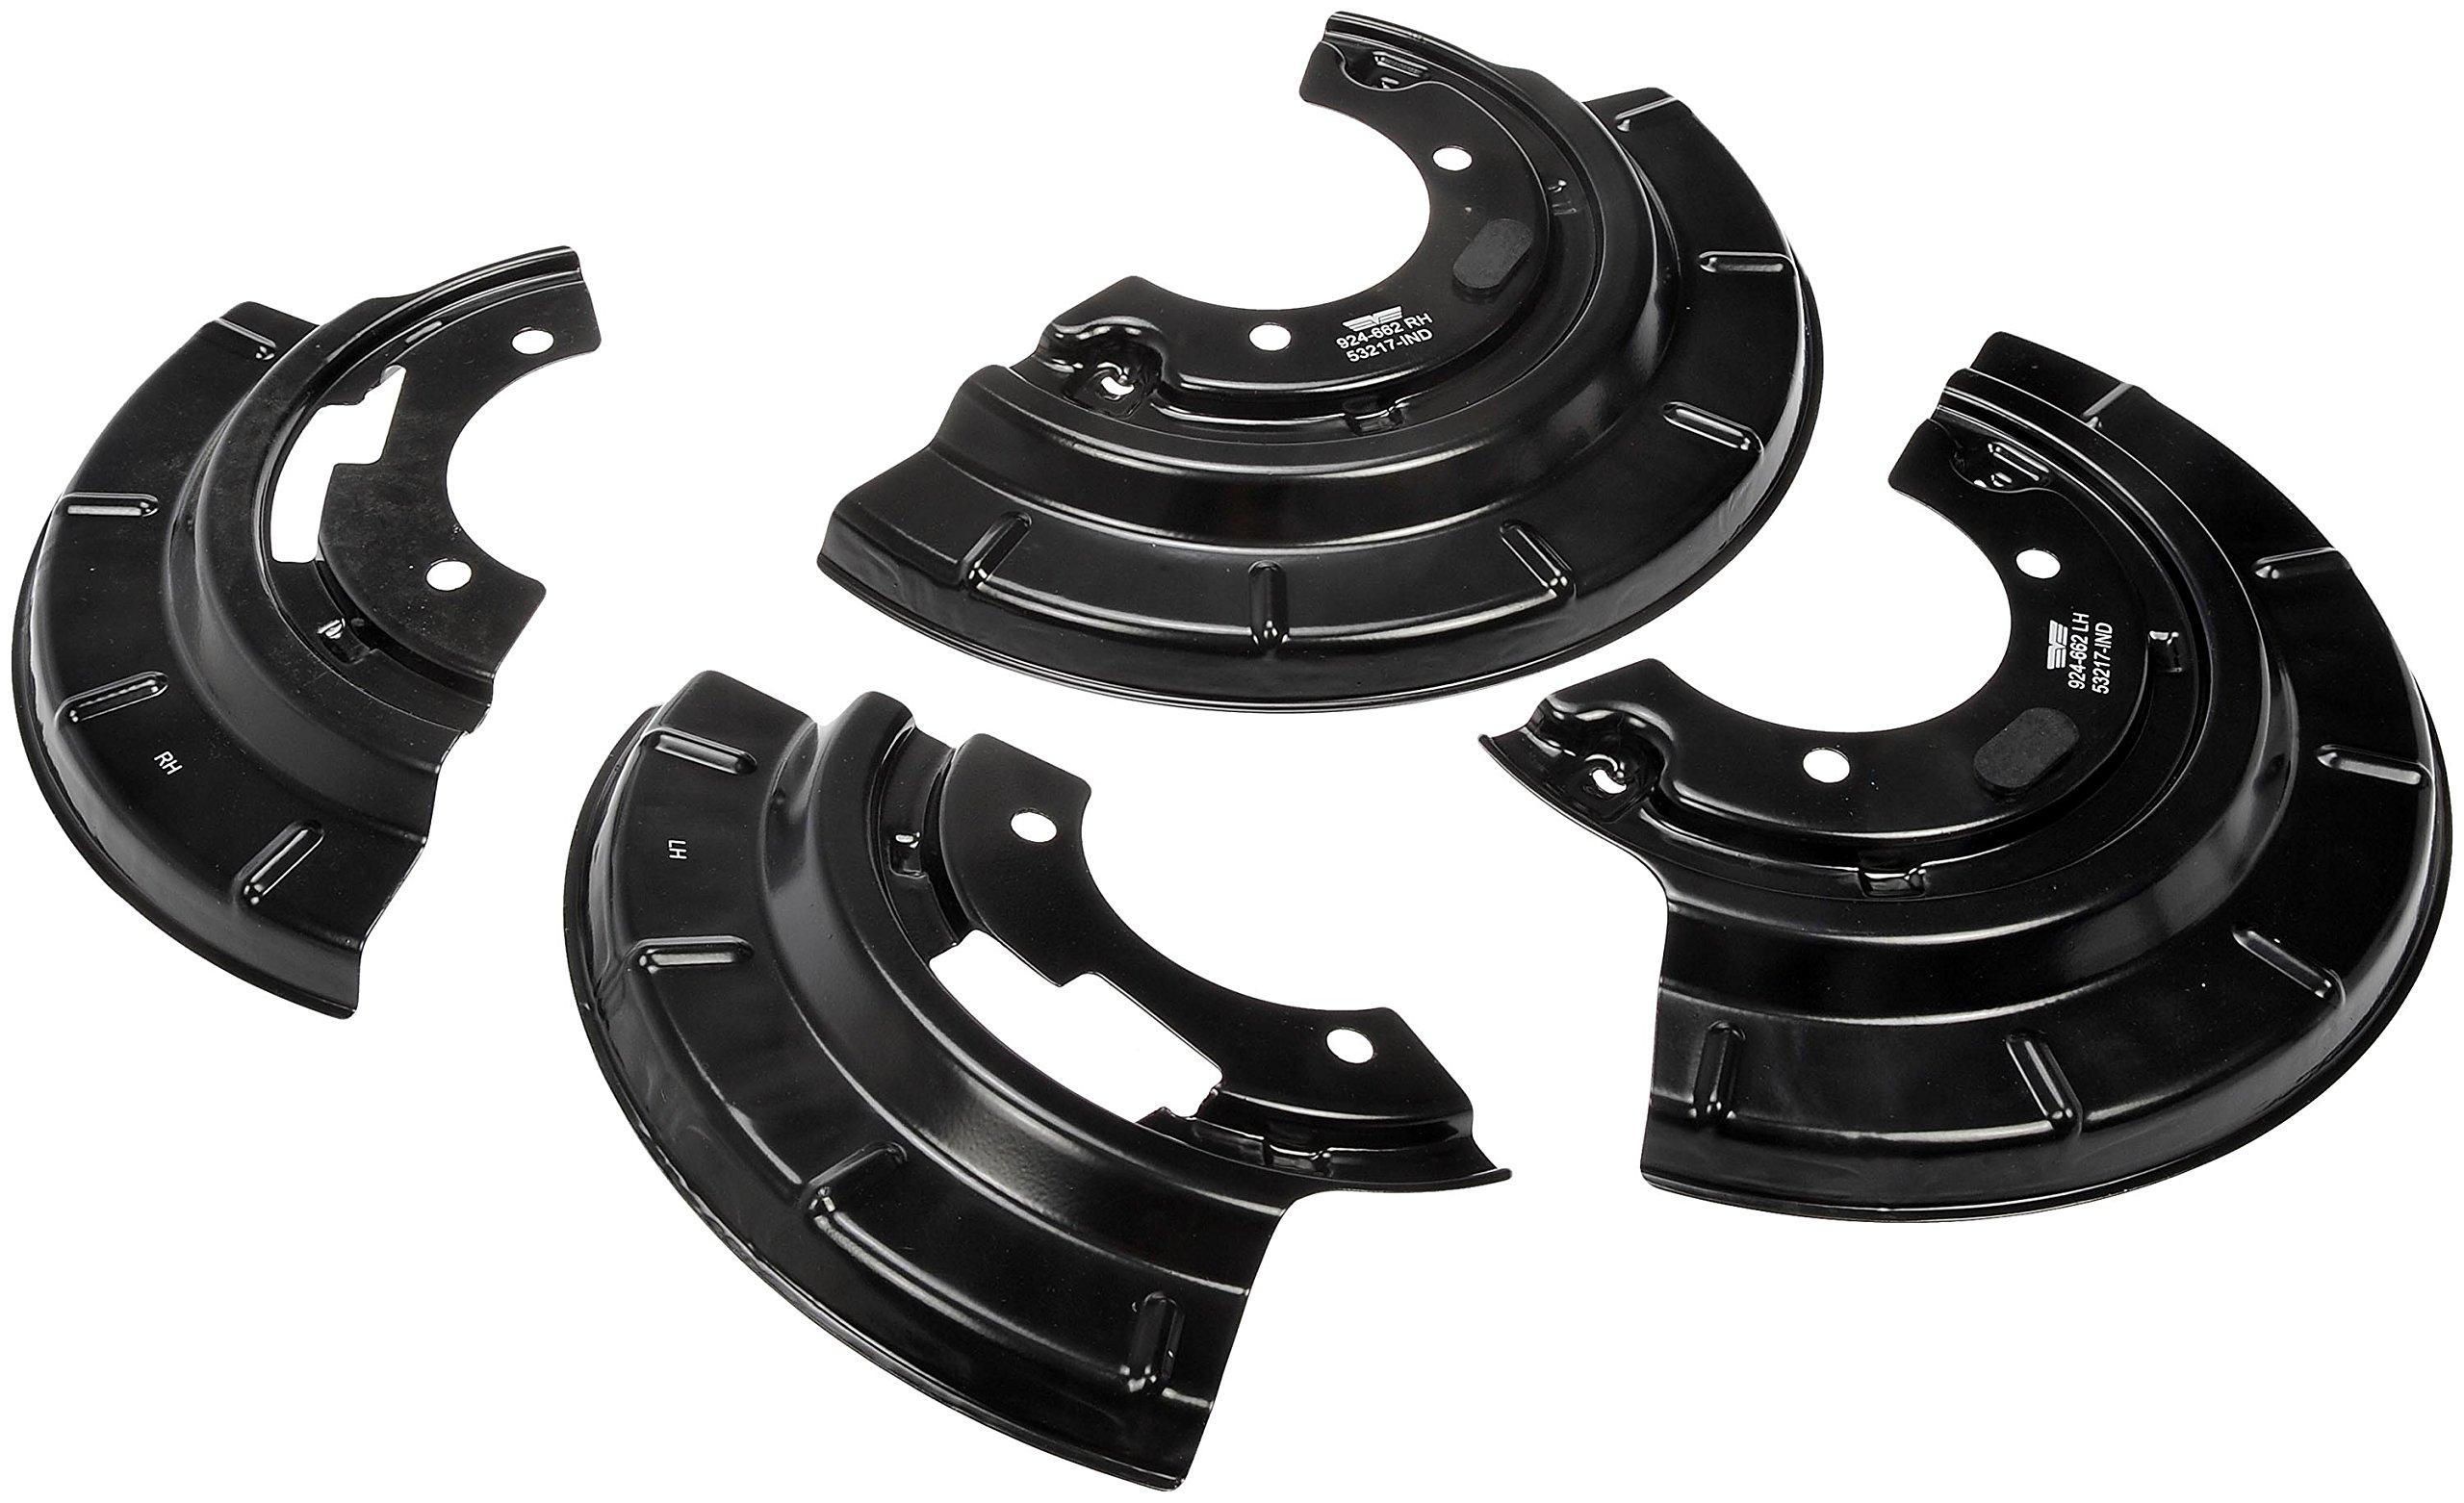 Dorman 924-662 Brake Dust Shield, Split Pair, 2 Pack